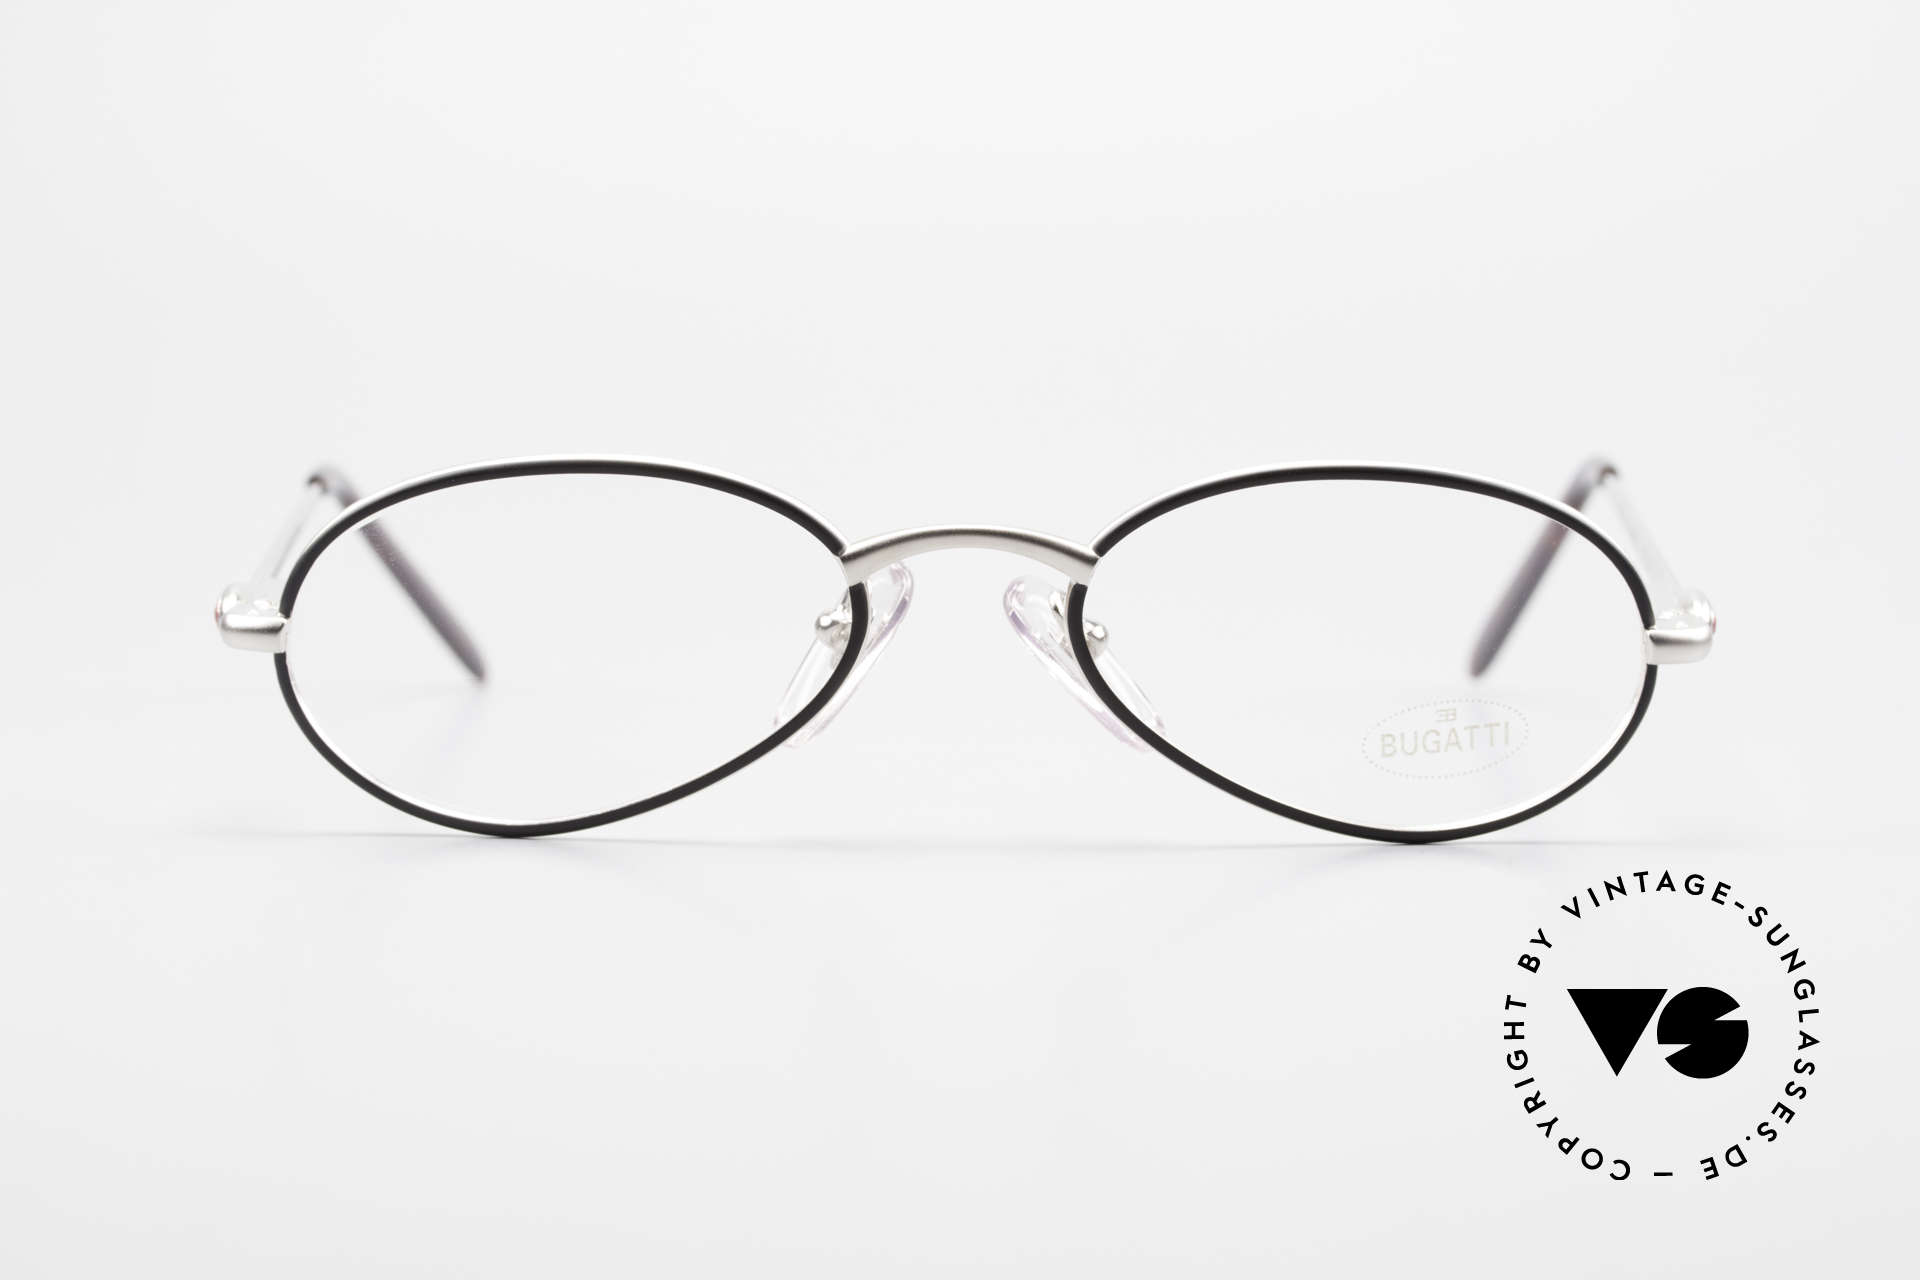 Bugatti 22431 Kleine 90er Vintage Brille, circa Mitte der 1990er in Frankreich produziert, Passend für Herren und Damen